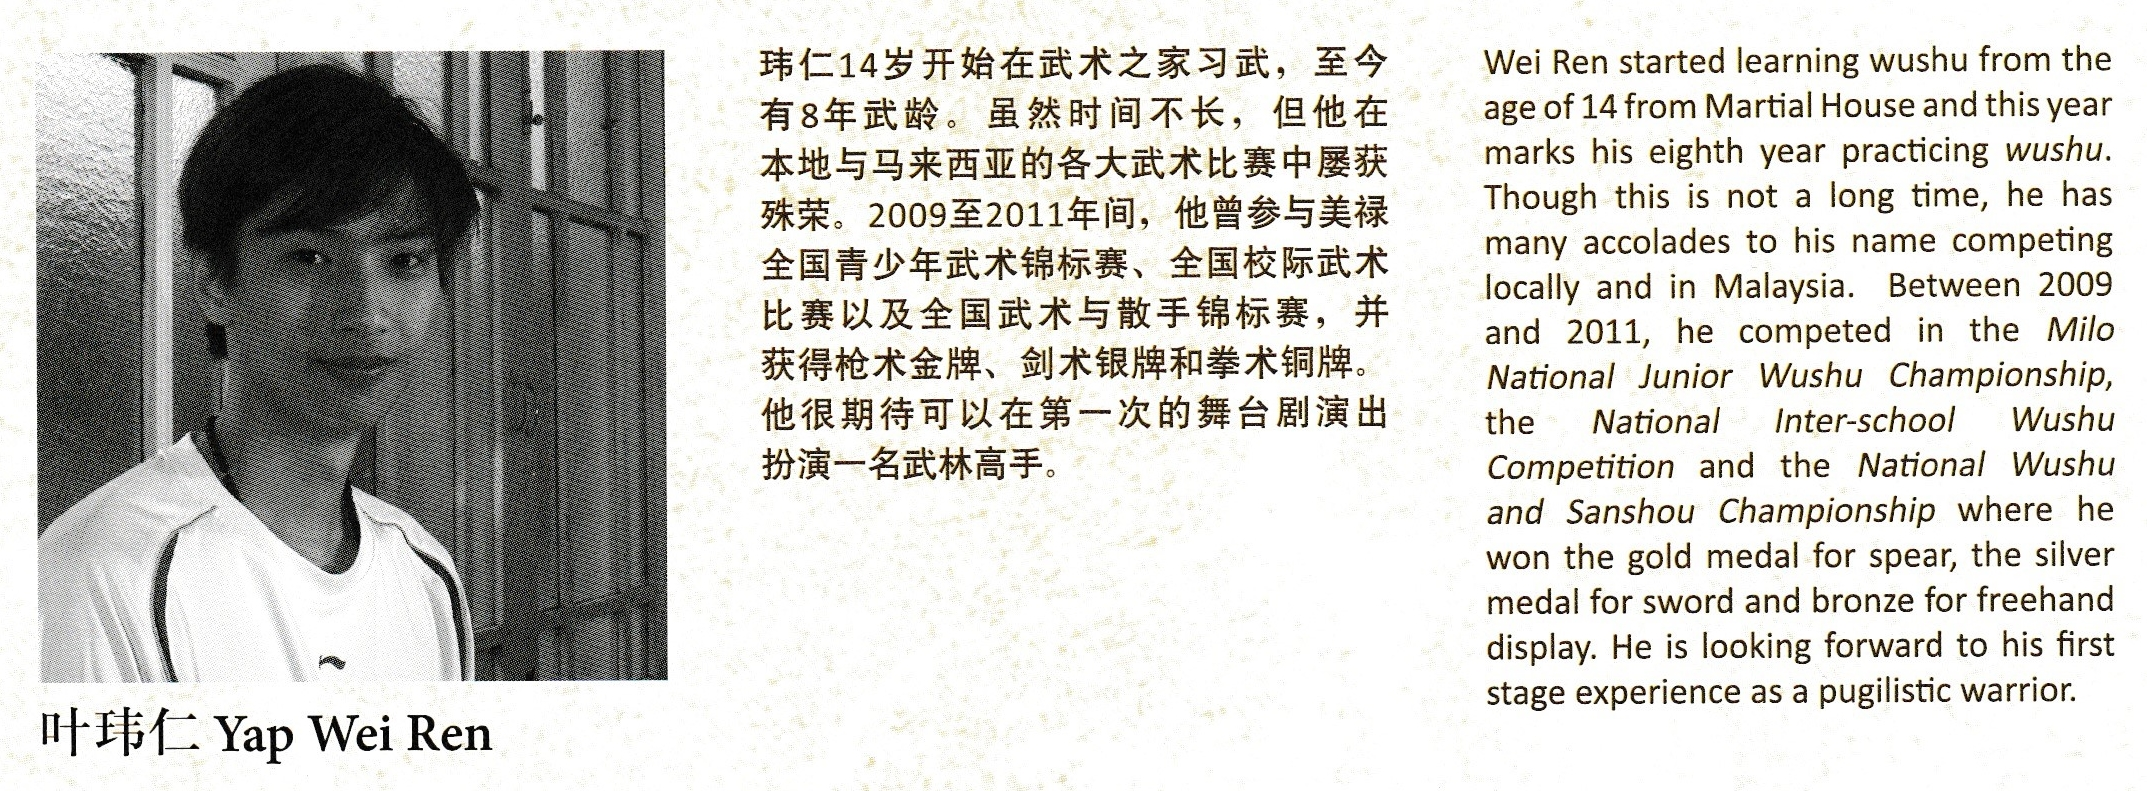 Yap Wei Ren